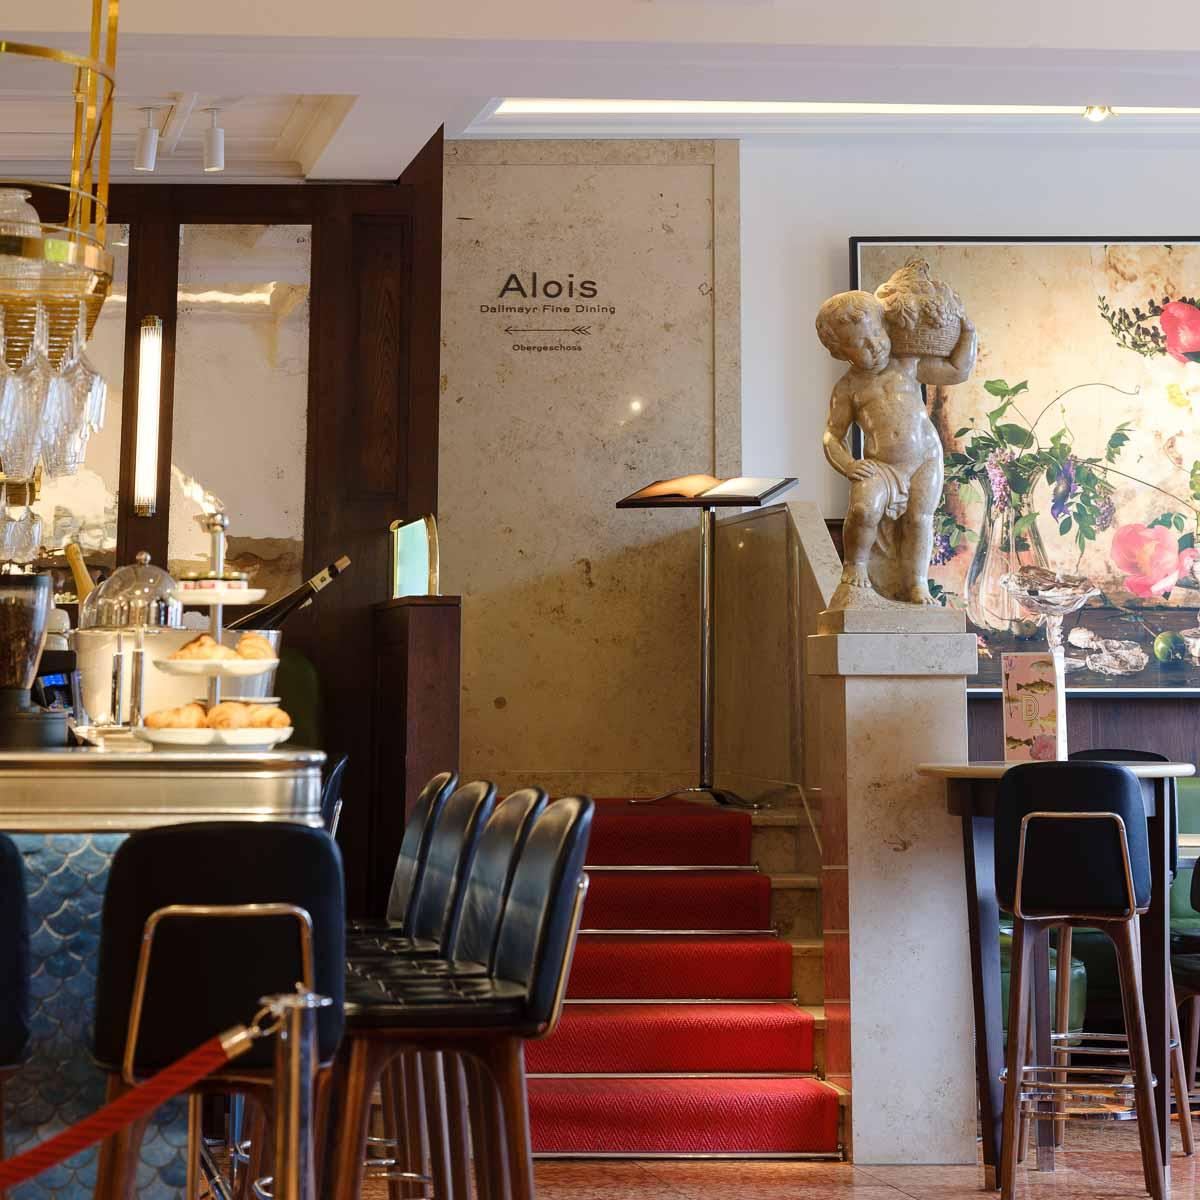 Dallmayr Restaurant Alois in München-8